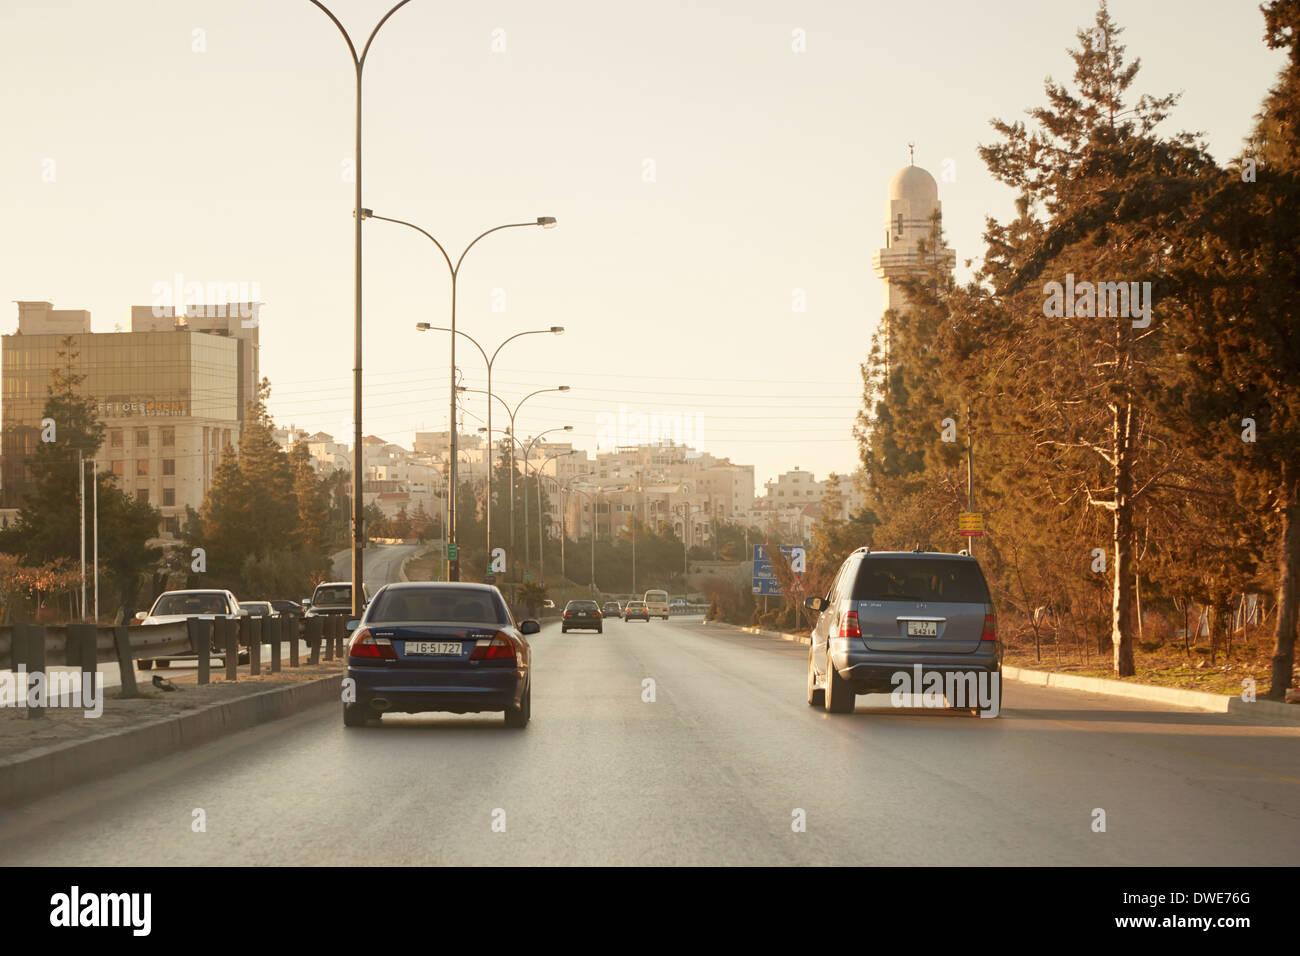 Le strade di mattina presto in Amman, Giordania Immagini Stock